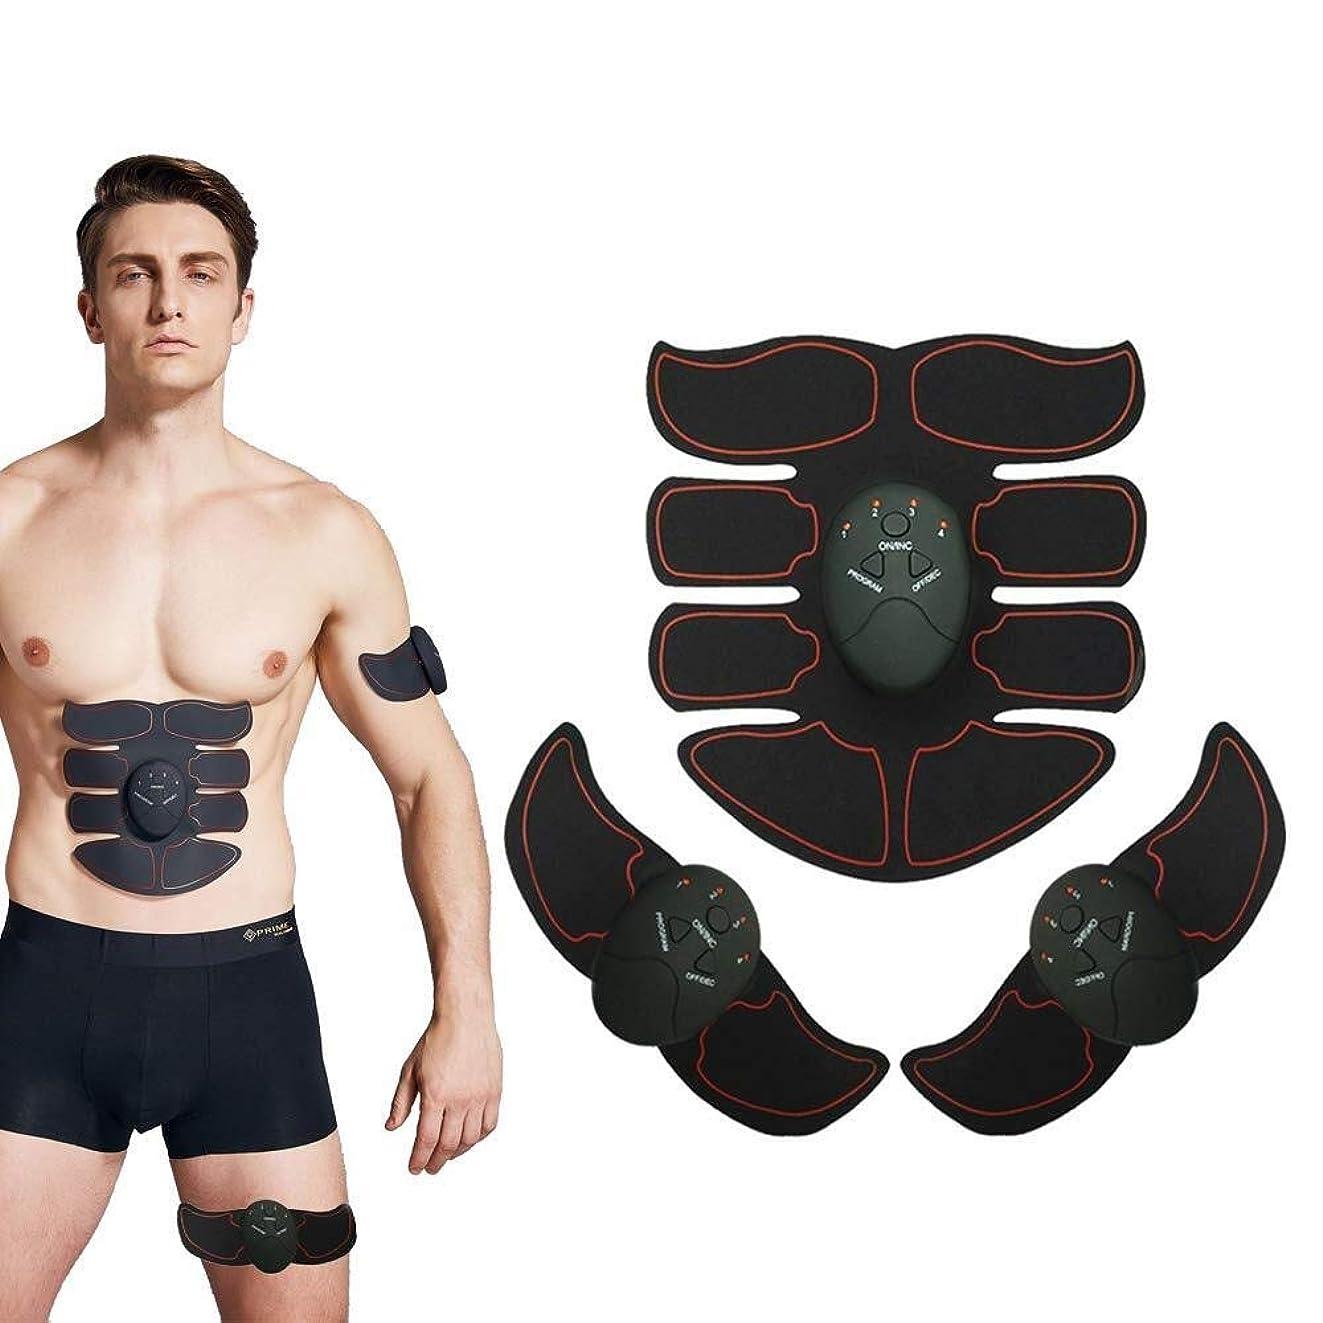 免疫する合体吸う腹筋トレーナー 筋肉刺激装置 腹部調色ベルト、 USB充電式 筋肉のトナー、 ワイヤレスポータブル トレーニングギア、 完璧な ホーム 運動器具 にとって 男女 - 6つのモードと10のレベルの強度